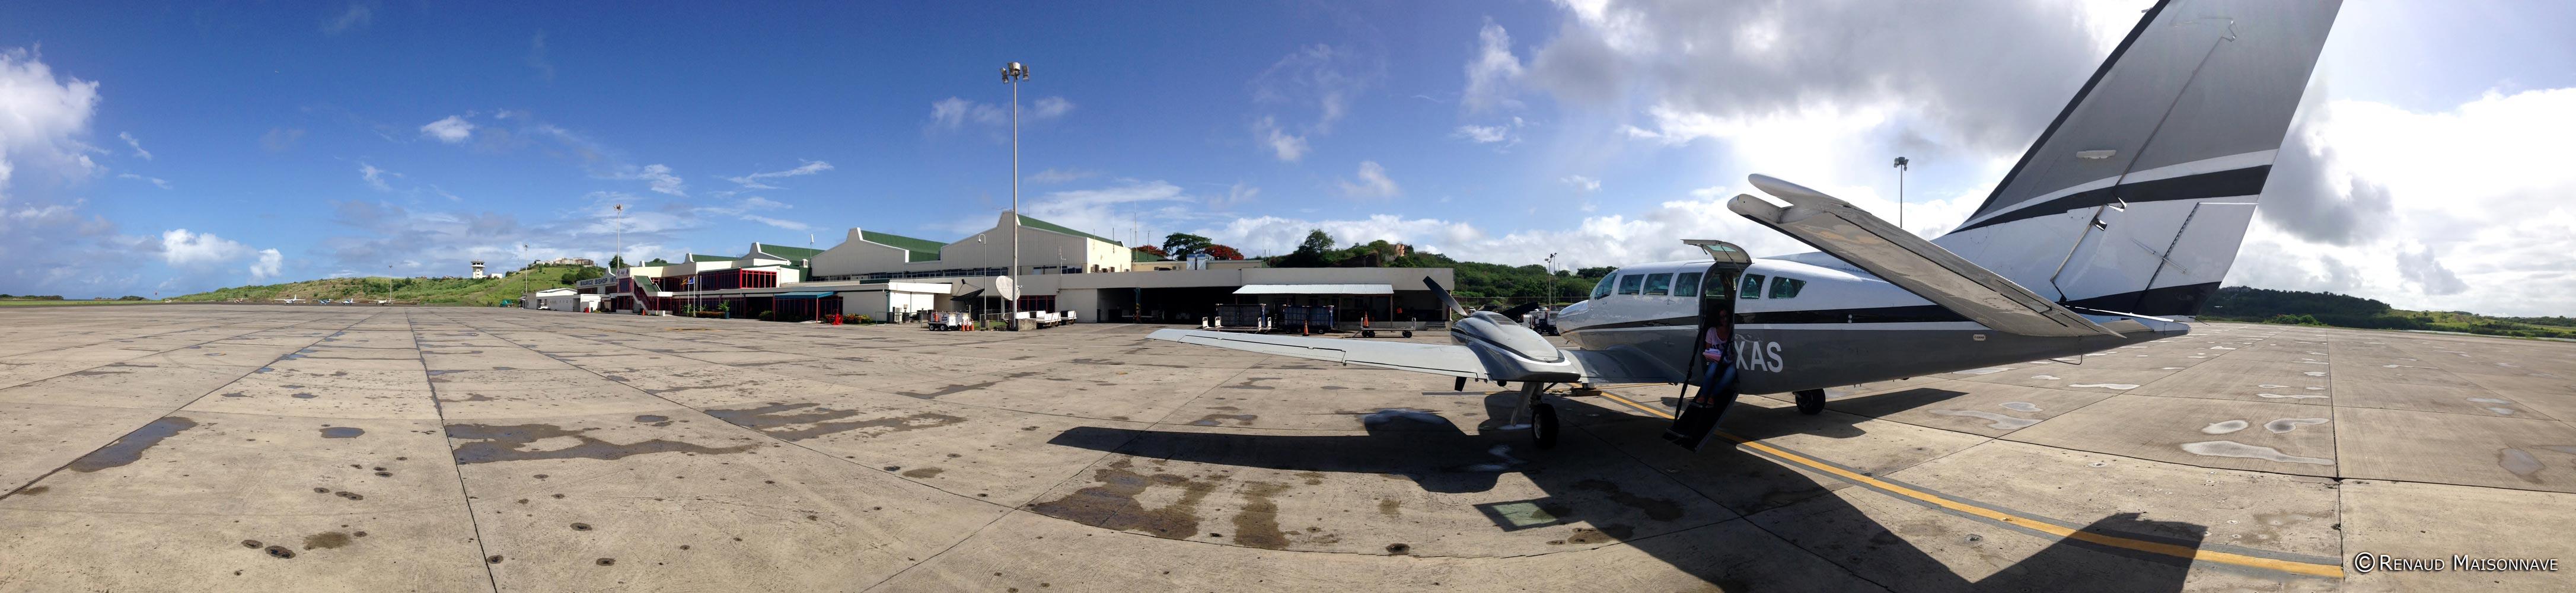 Cessna 404 en escale à Grenade